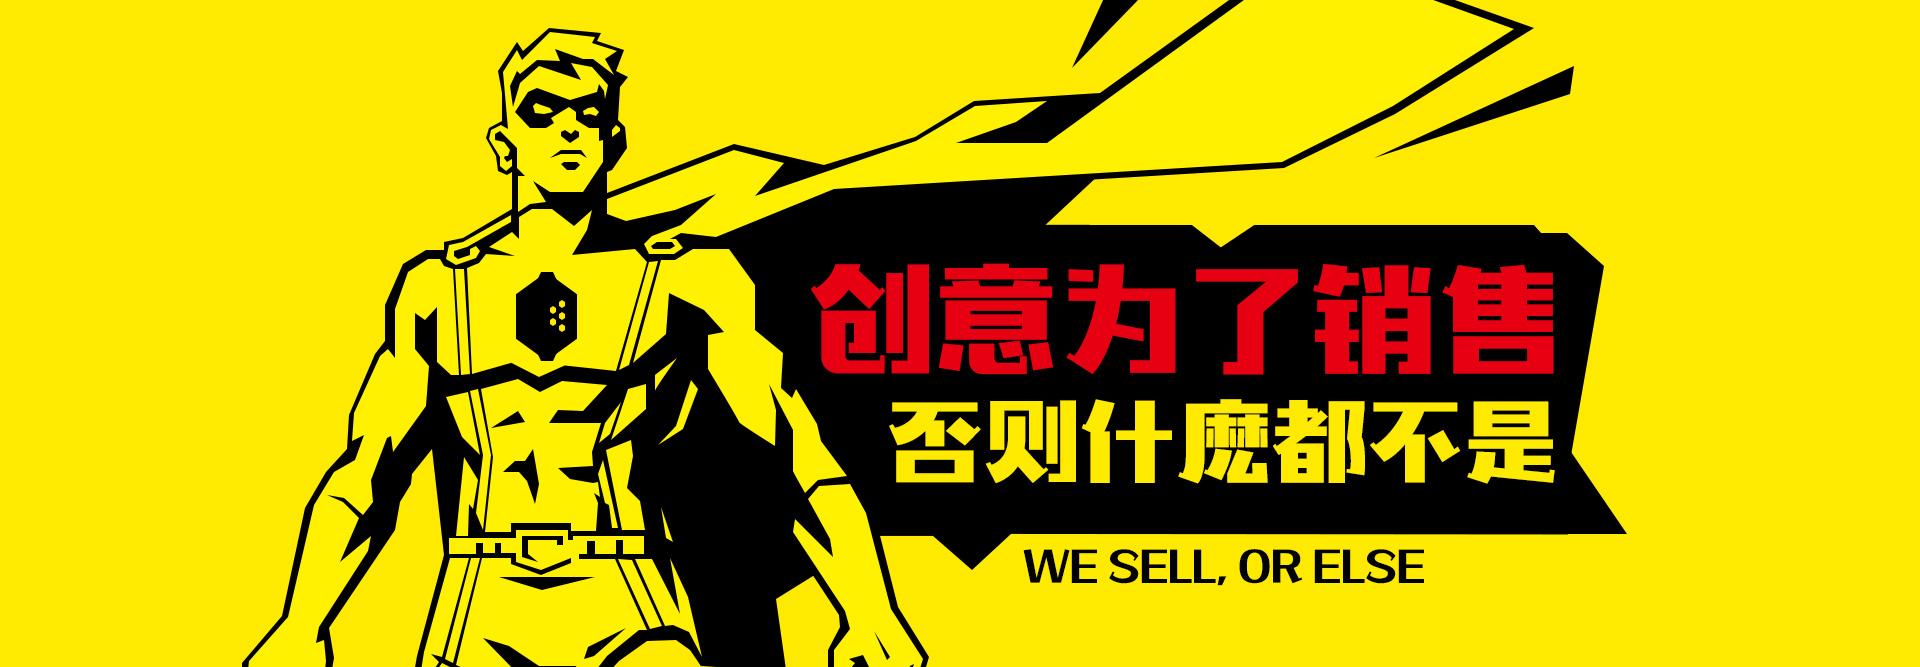 哈尔滨广告设计